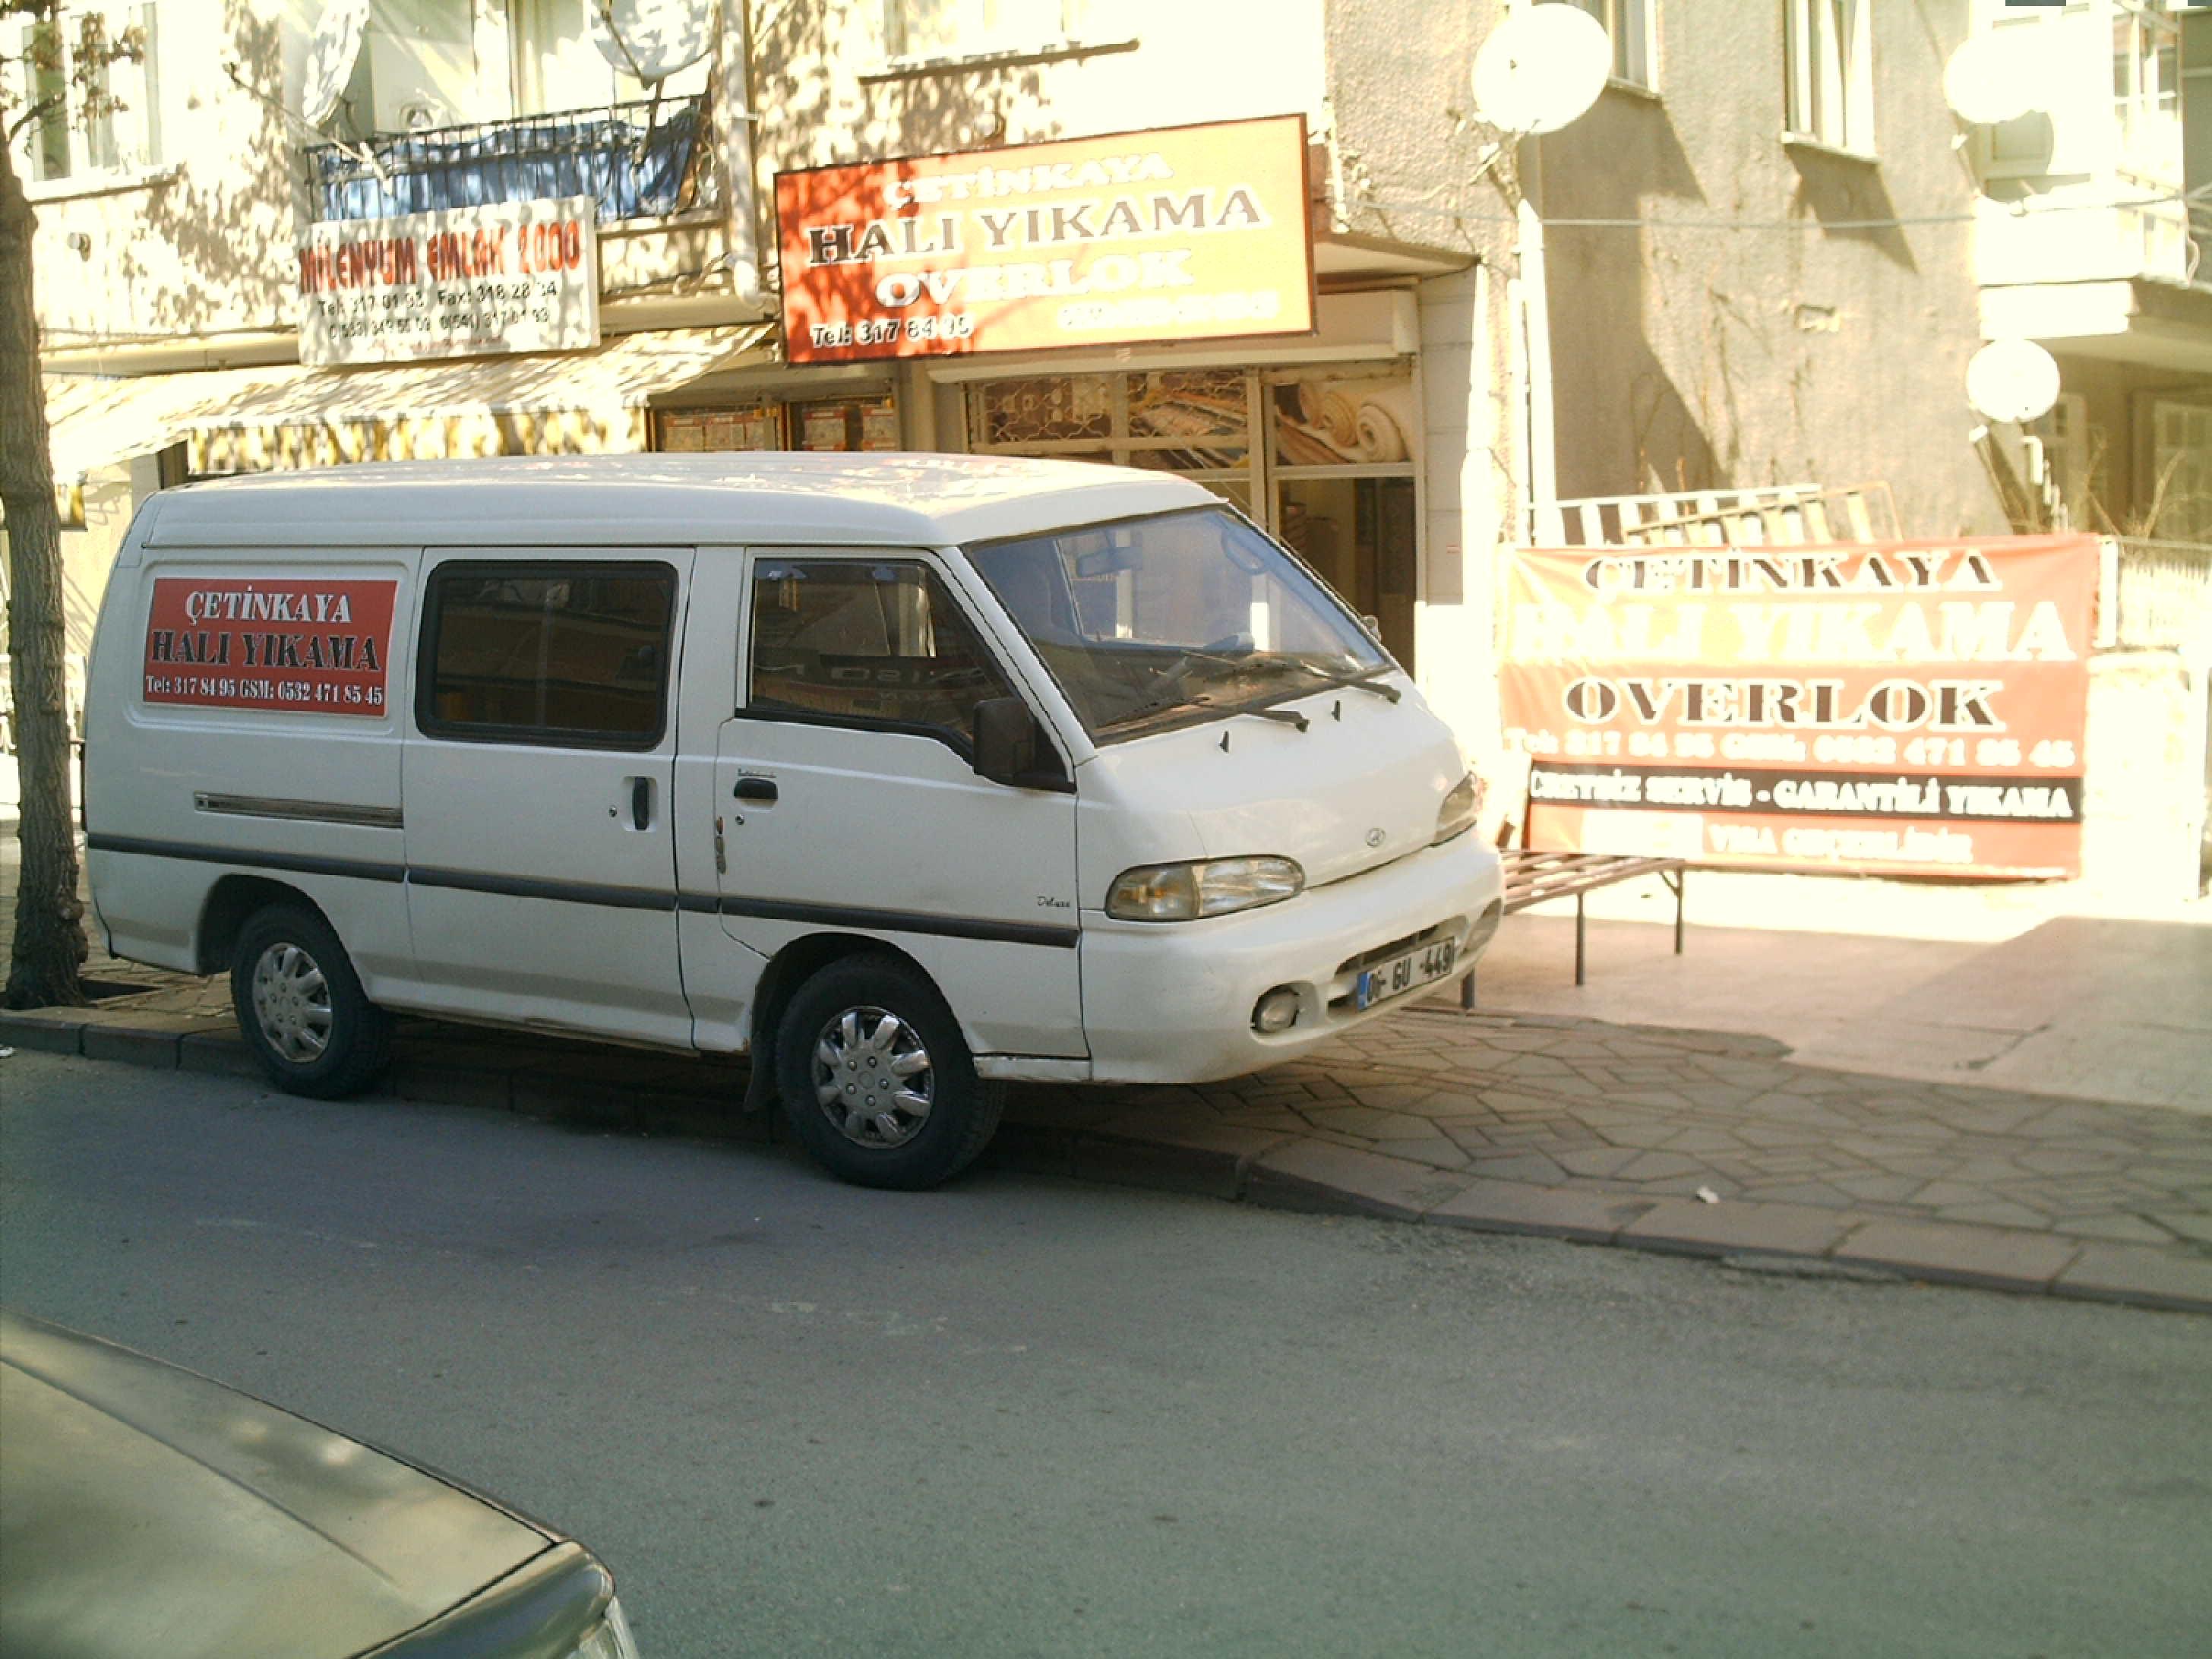 yapracık_hali_yikama_servis